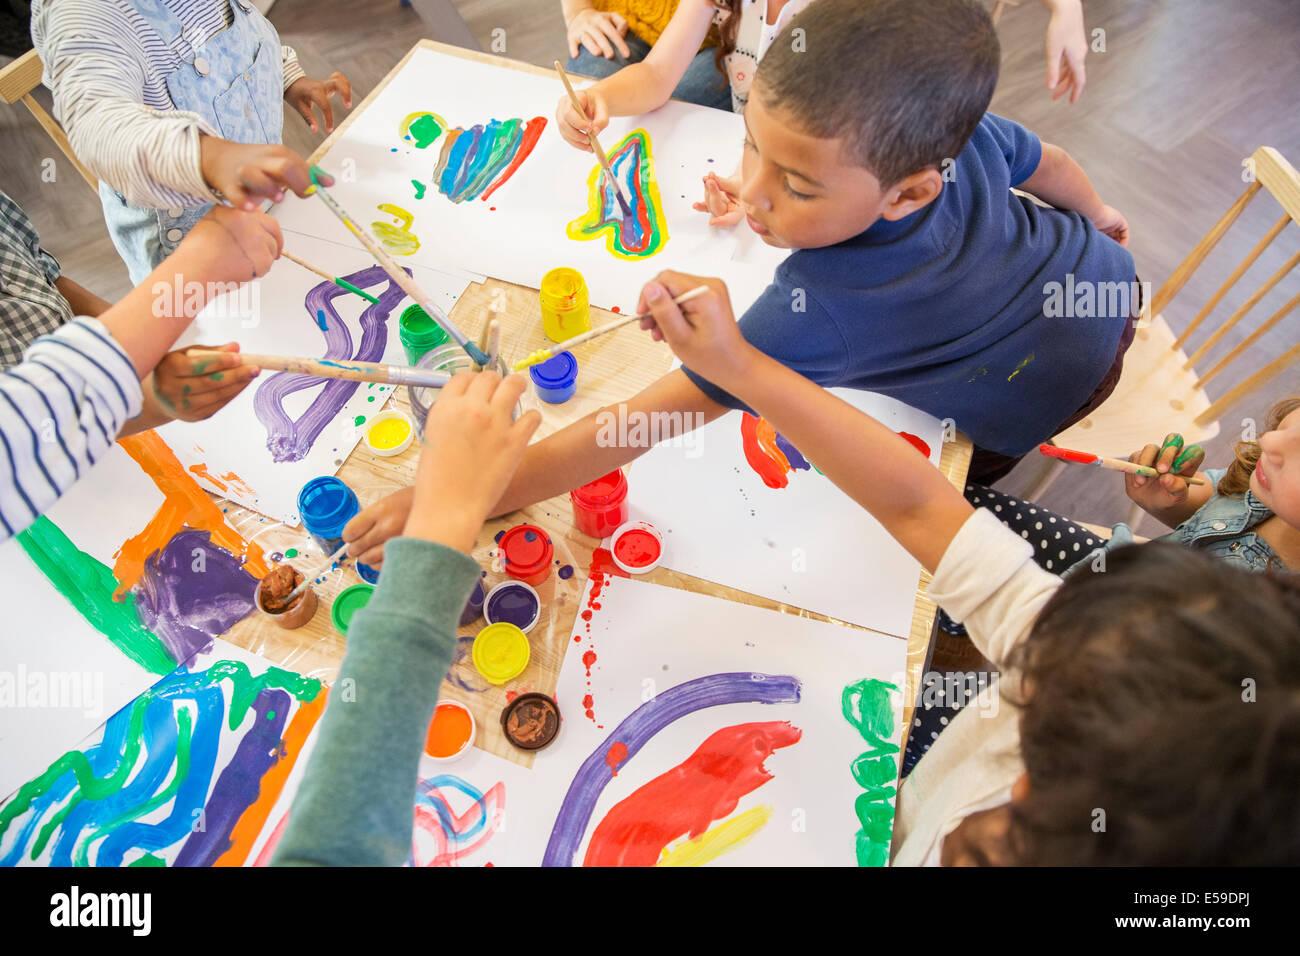 Los niños en la clase de pintura Imagen De Stock